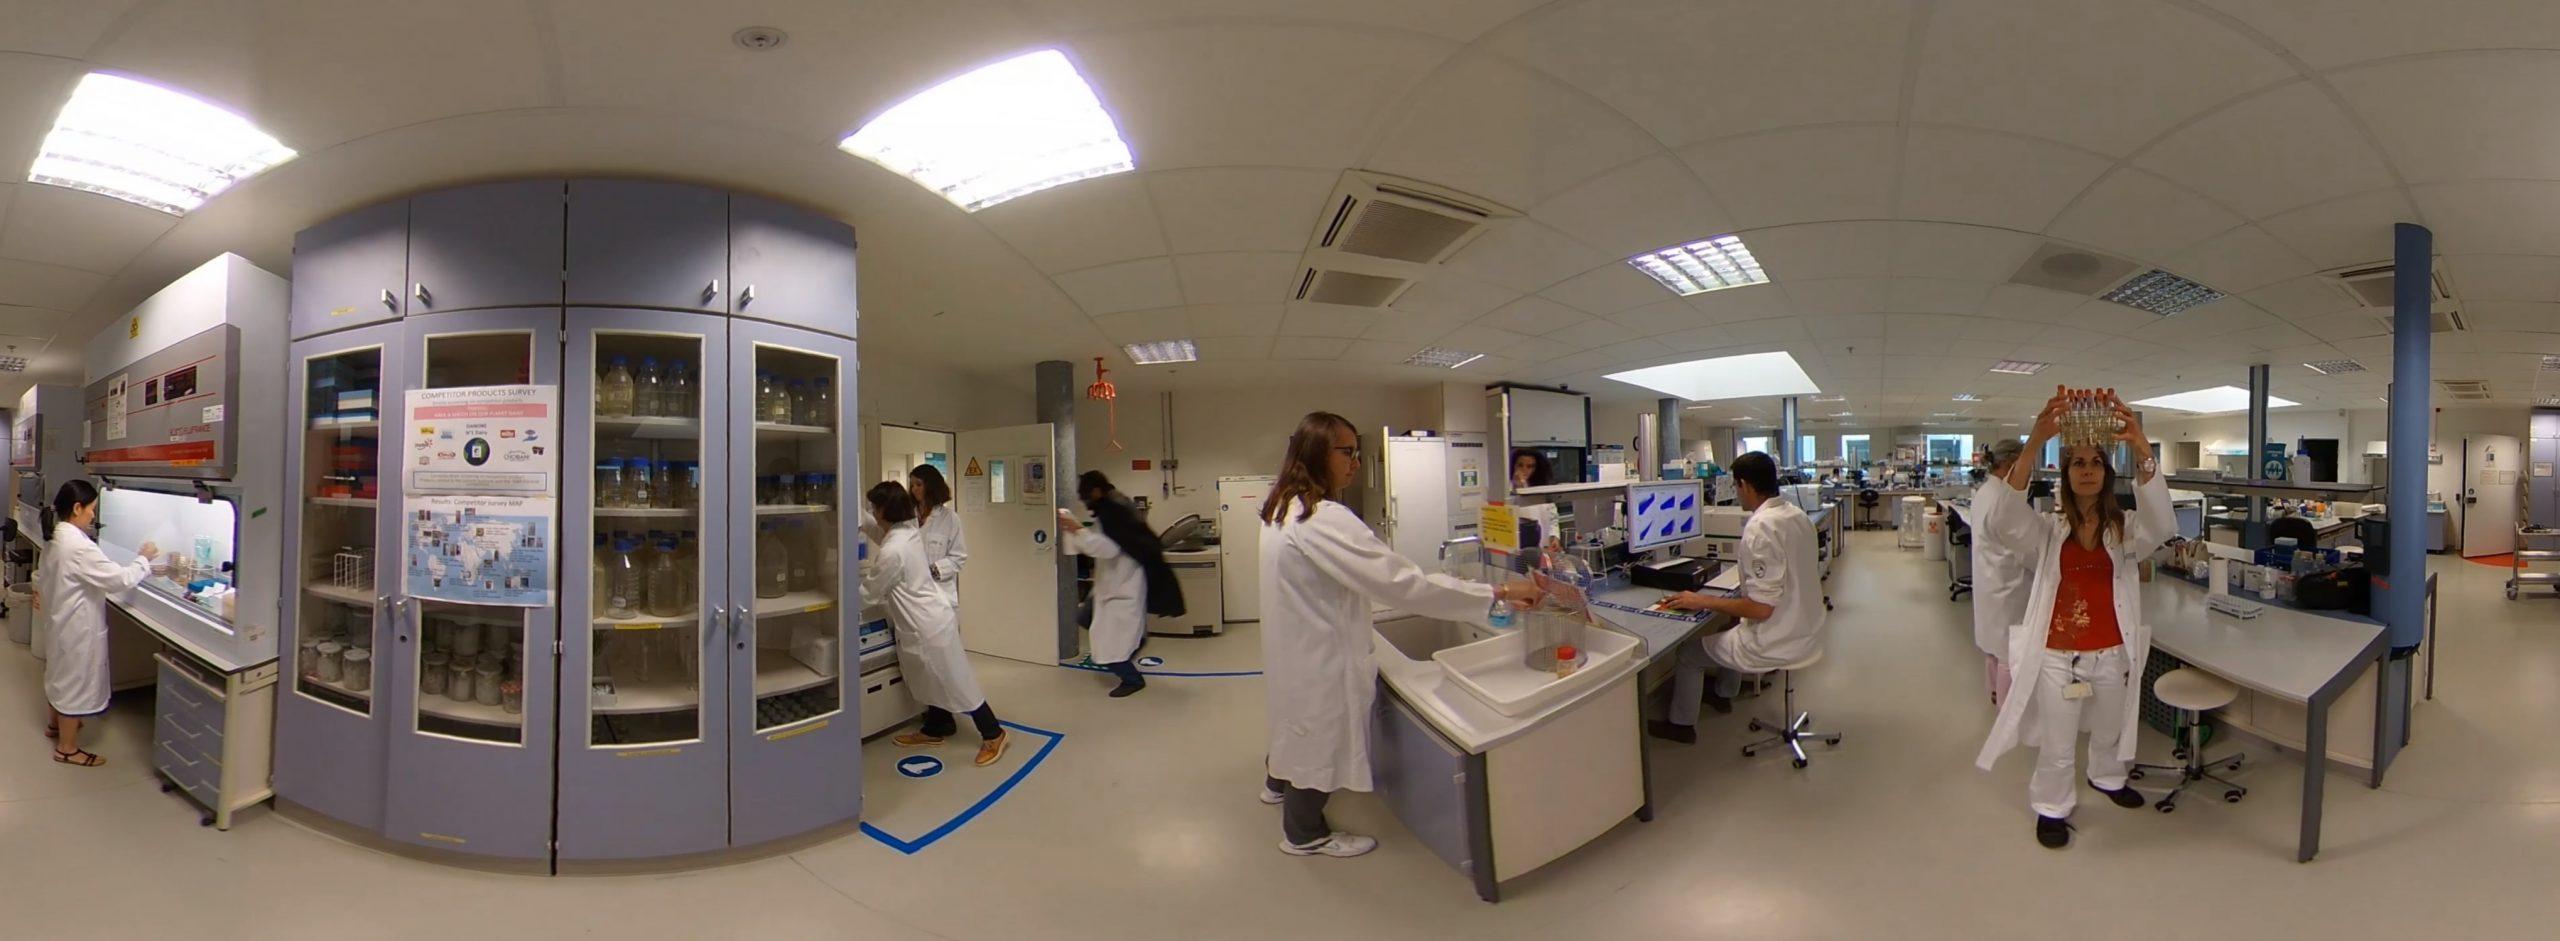 Danone Sécurité en laboratoire, les bonnes pratiques à adopter et celles à éviter